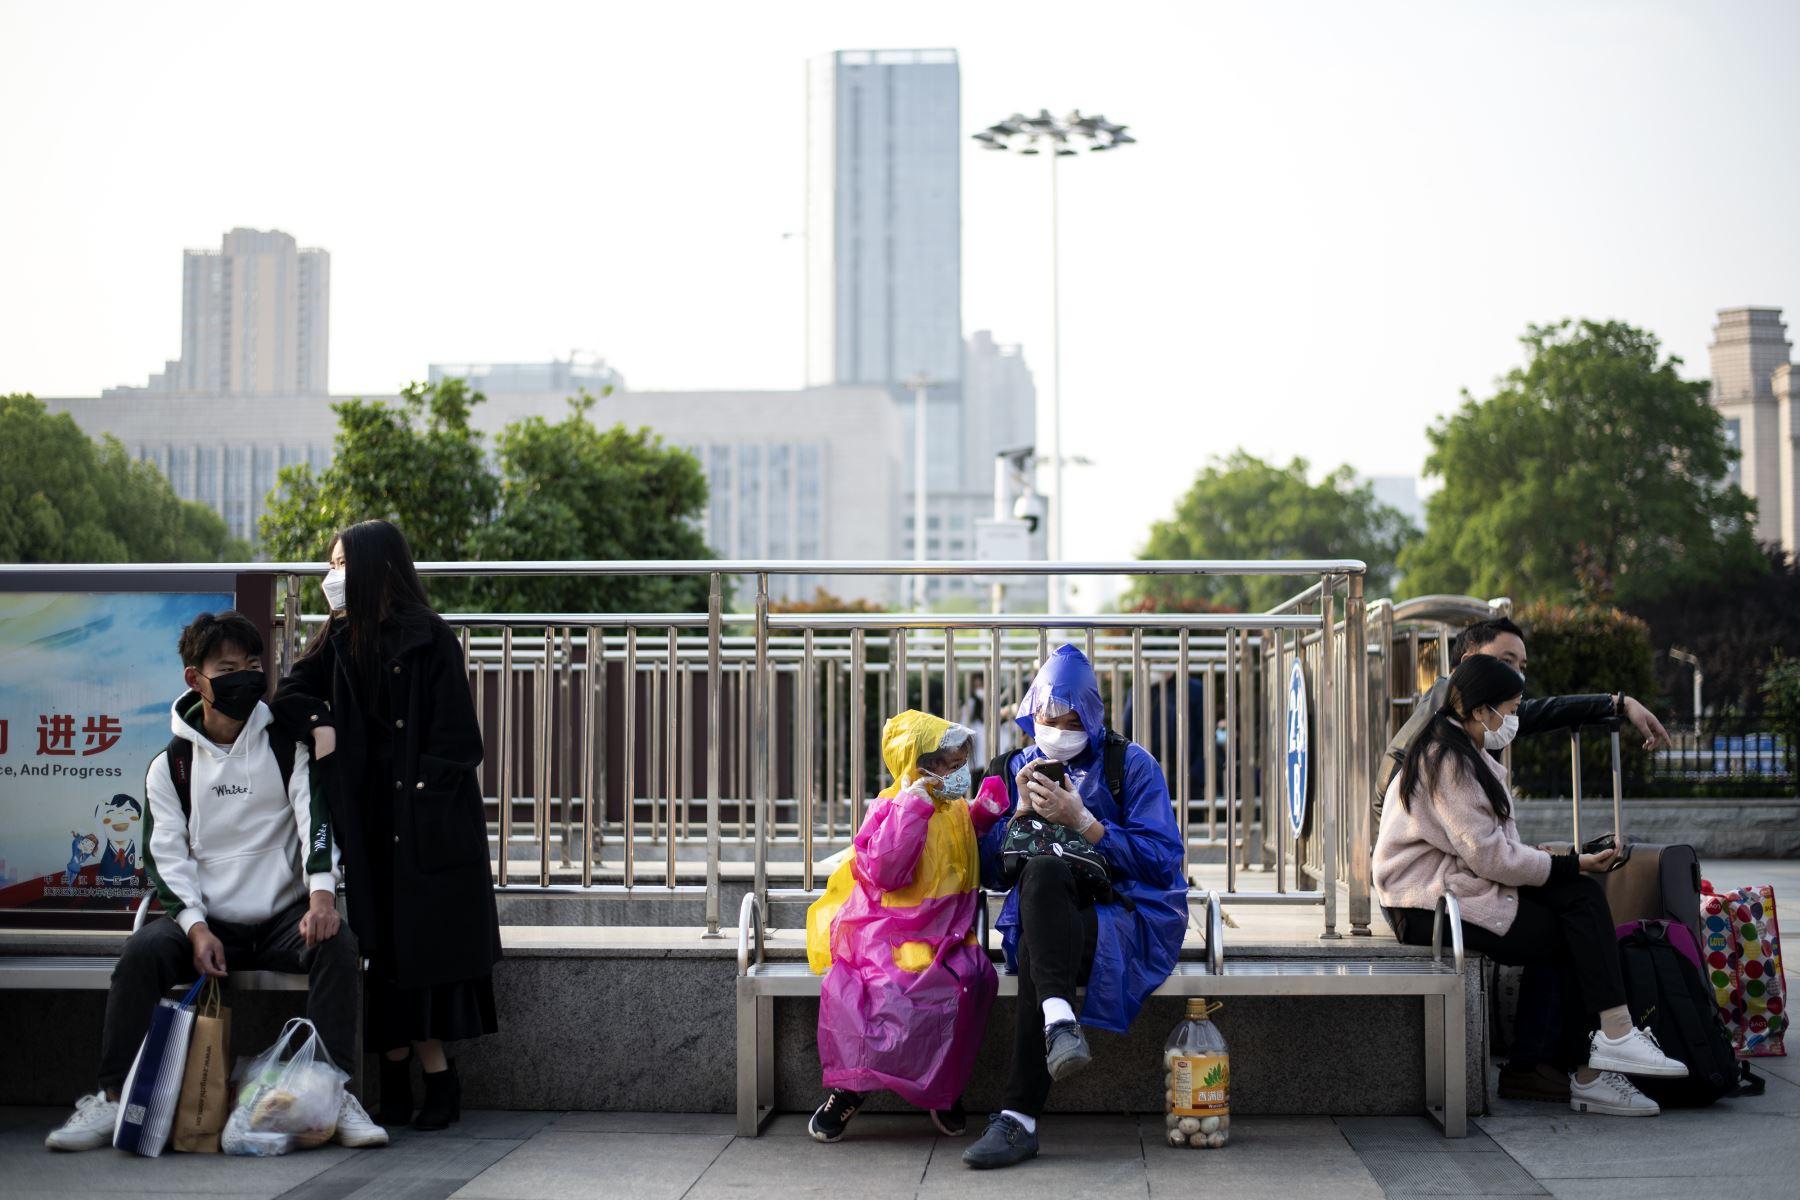 Las personas con máscaras faciales se sientan frente a la estación de tren de Hankou en Wuhan cuando llegan con la esperanza de tomar uno de los primeros trenes que salen de la ciudad. Foto: AFP